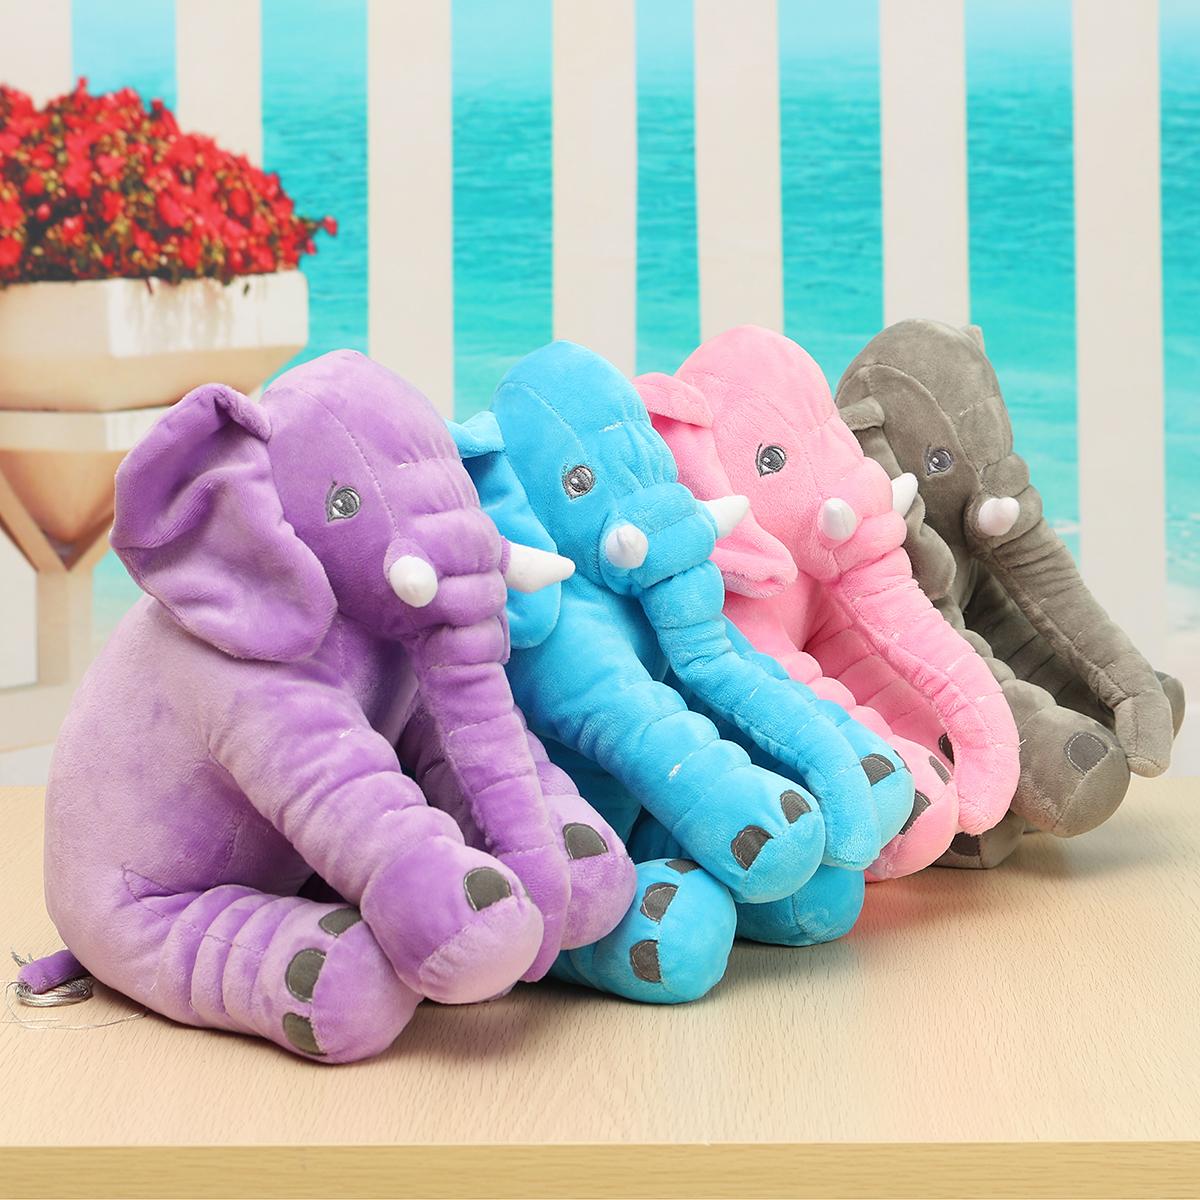 Baby Kinder Kind weicher Plüsch Elefant Schlaf Kissen Kind